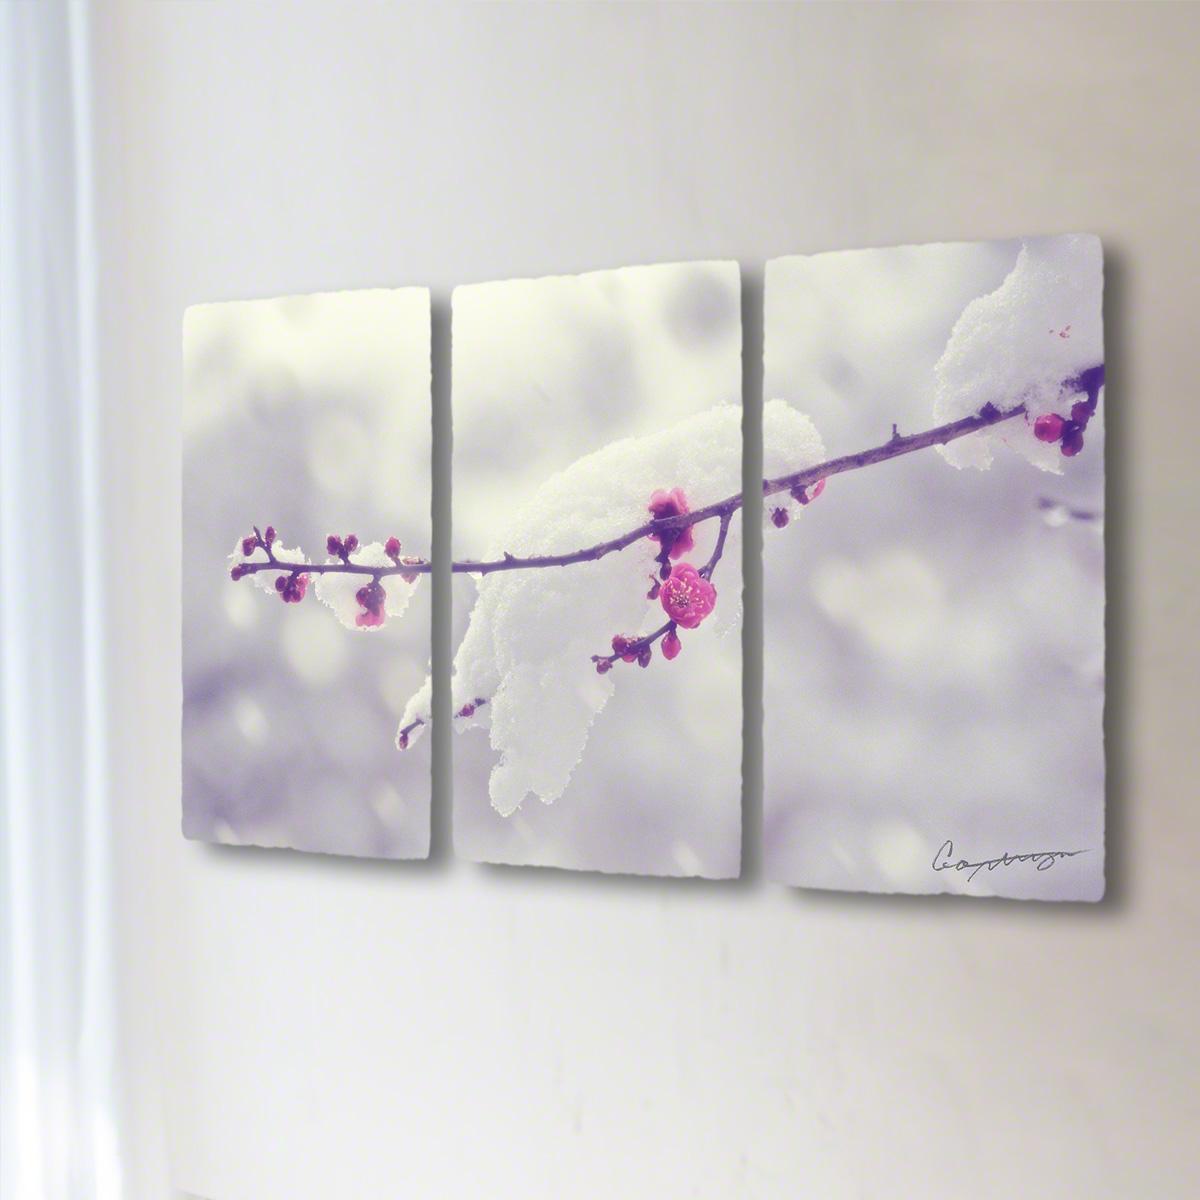 和紙 手作り アートパネル 3枚続き 「雪を乗せた一枝の紅梅」(96x54cm) 絵画 絵 ポスター 壁掛け モダン アート 和風 オリジナル インテリア 風景画 ランキング おすすめ おしゃれ 人気 キッチン リビング ダイニング 玄関 和室